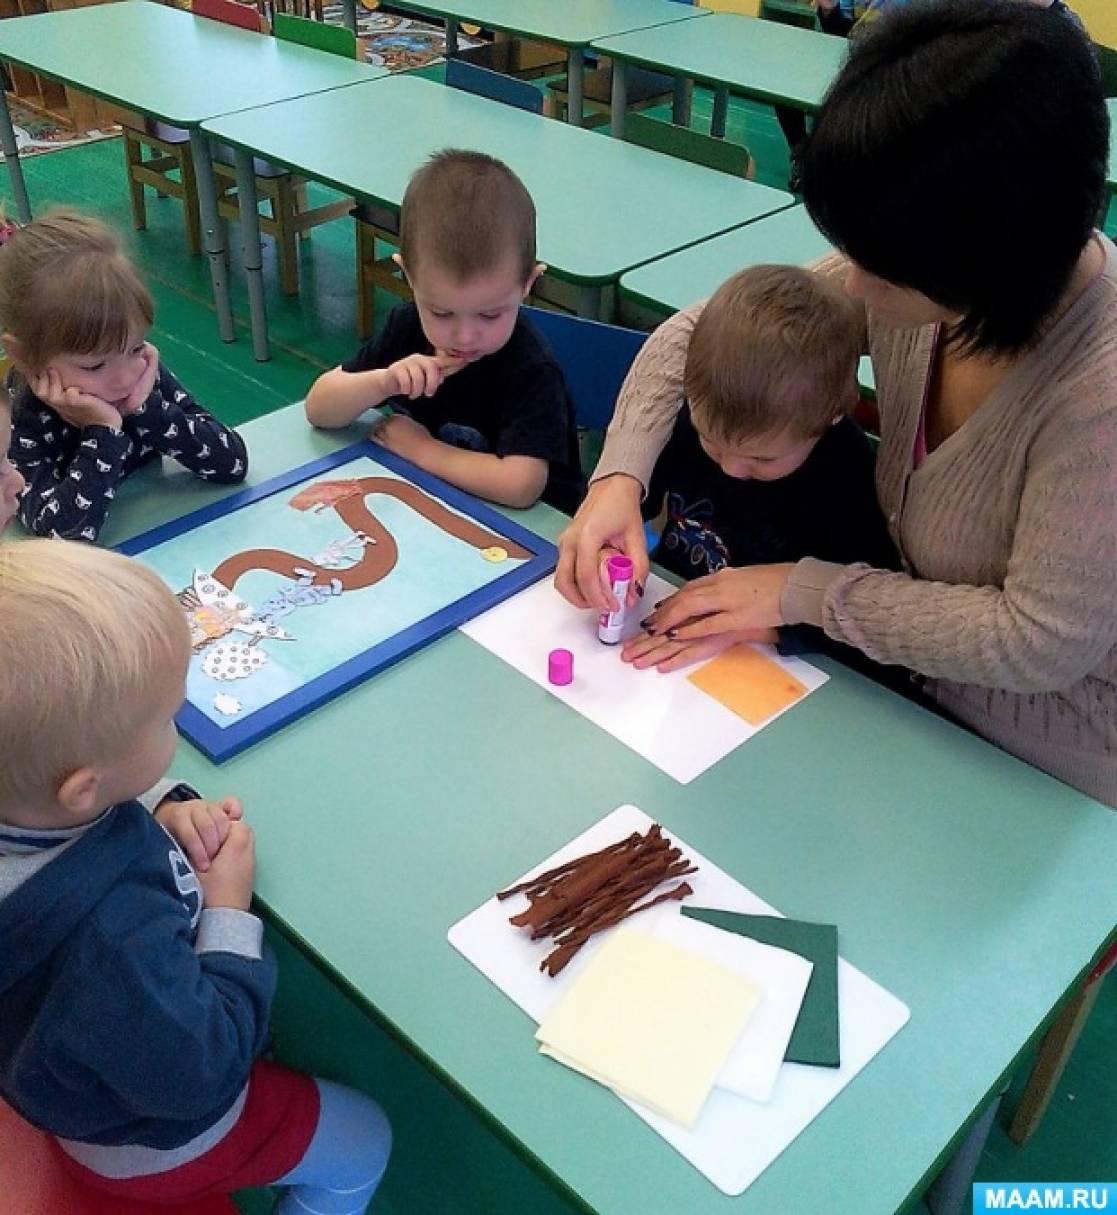 Аппликация как развитие творчества ребёнка